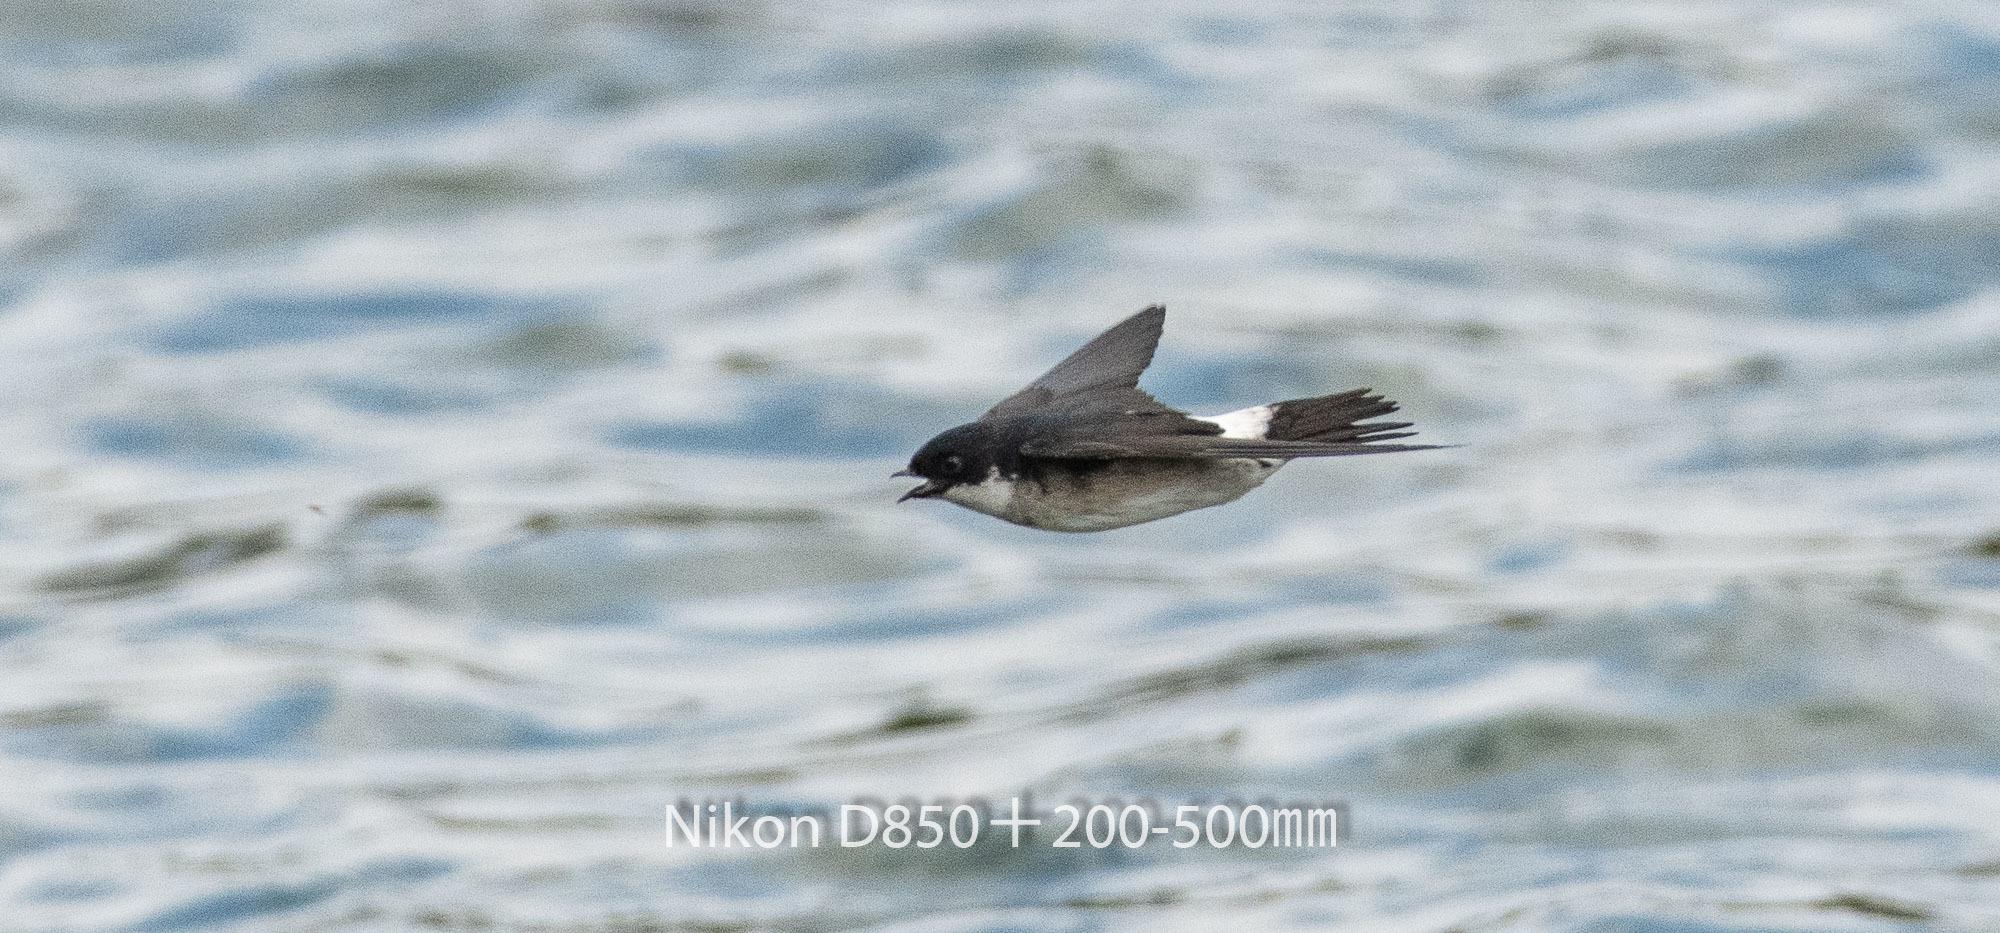 190401 ツバメ-03 NIKON D850 ISO 1250 500 mm 2541 x 1186